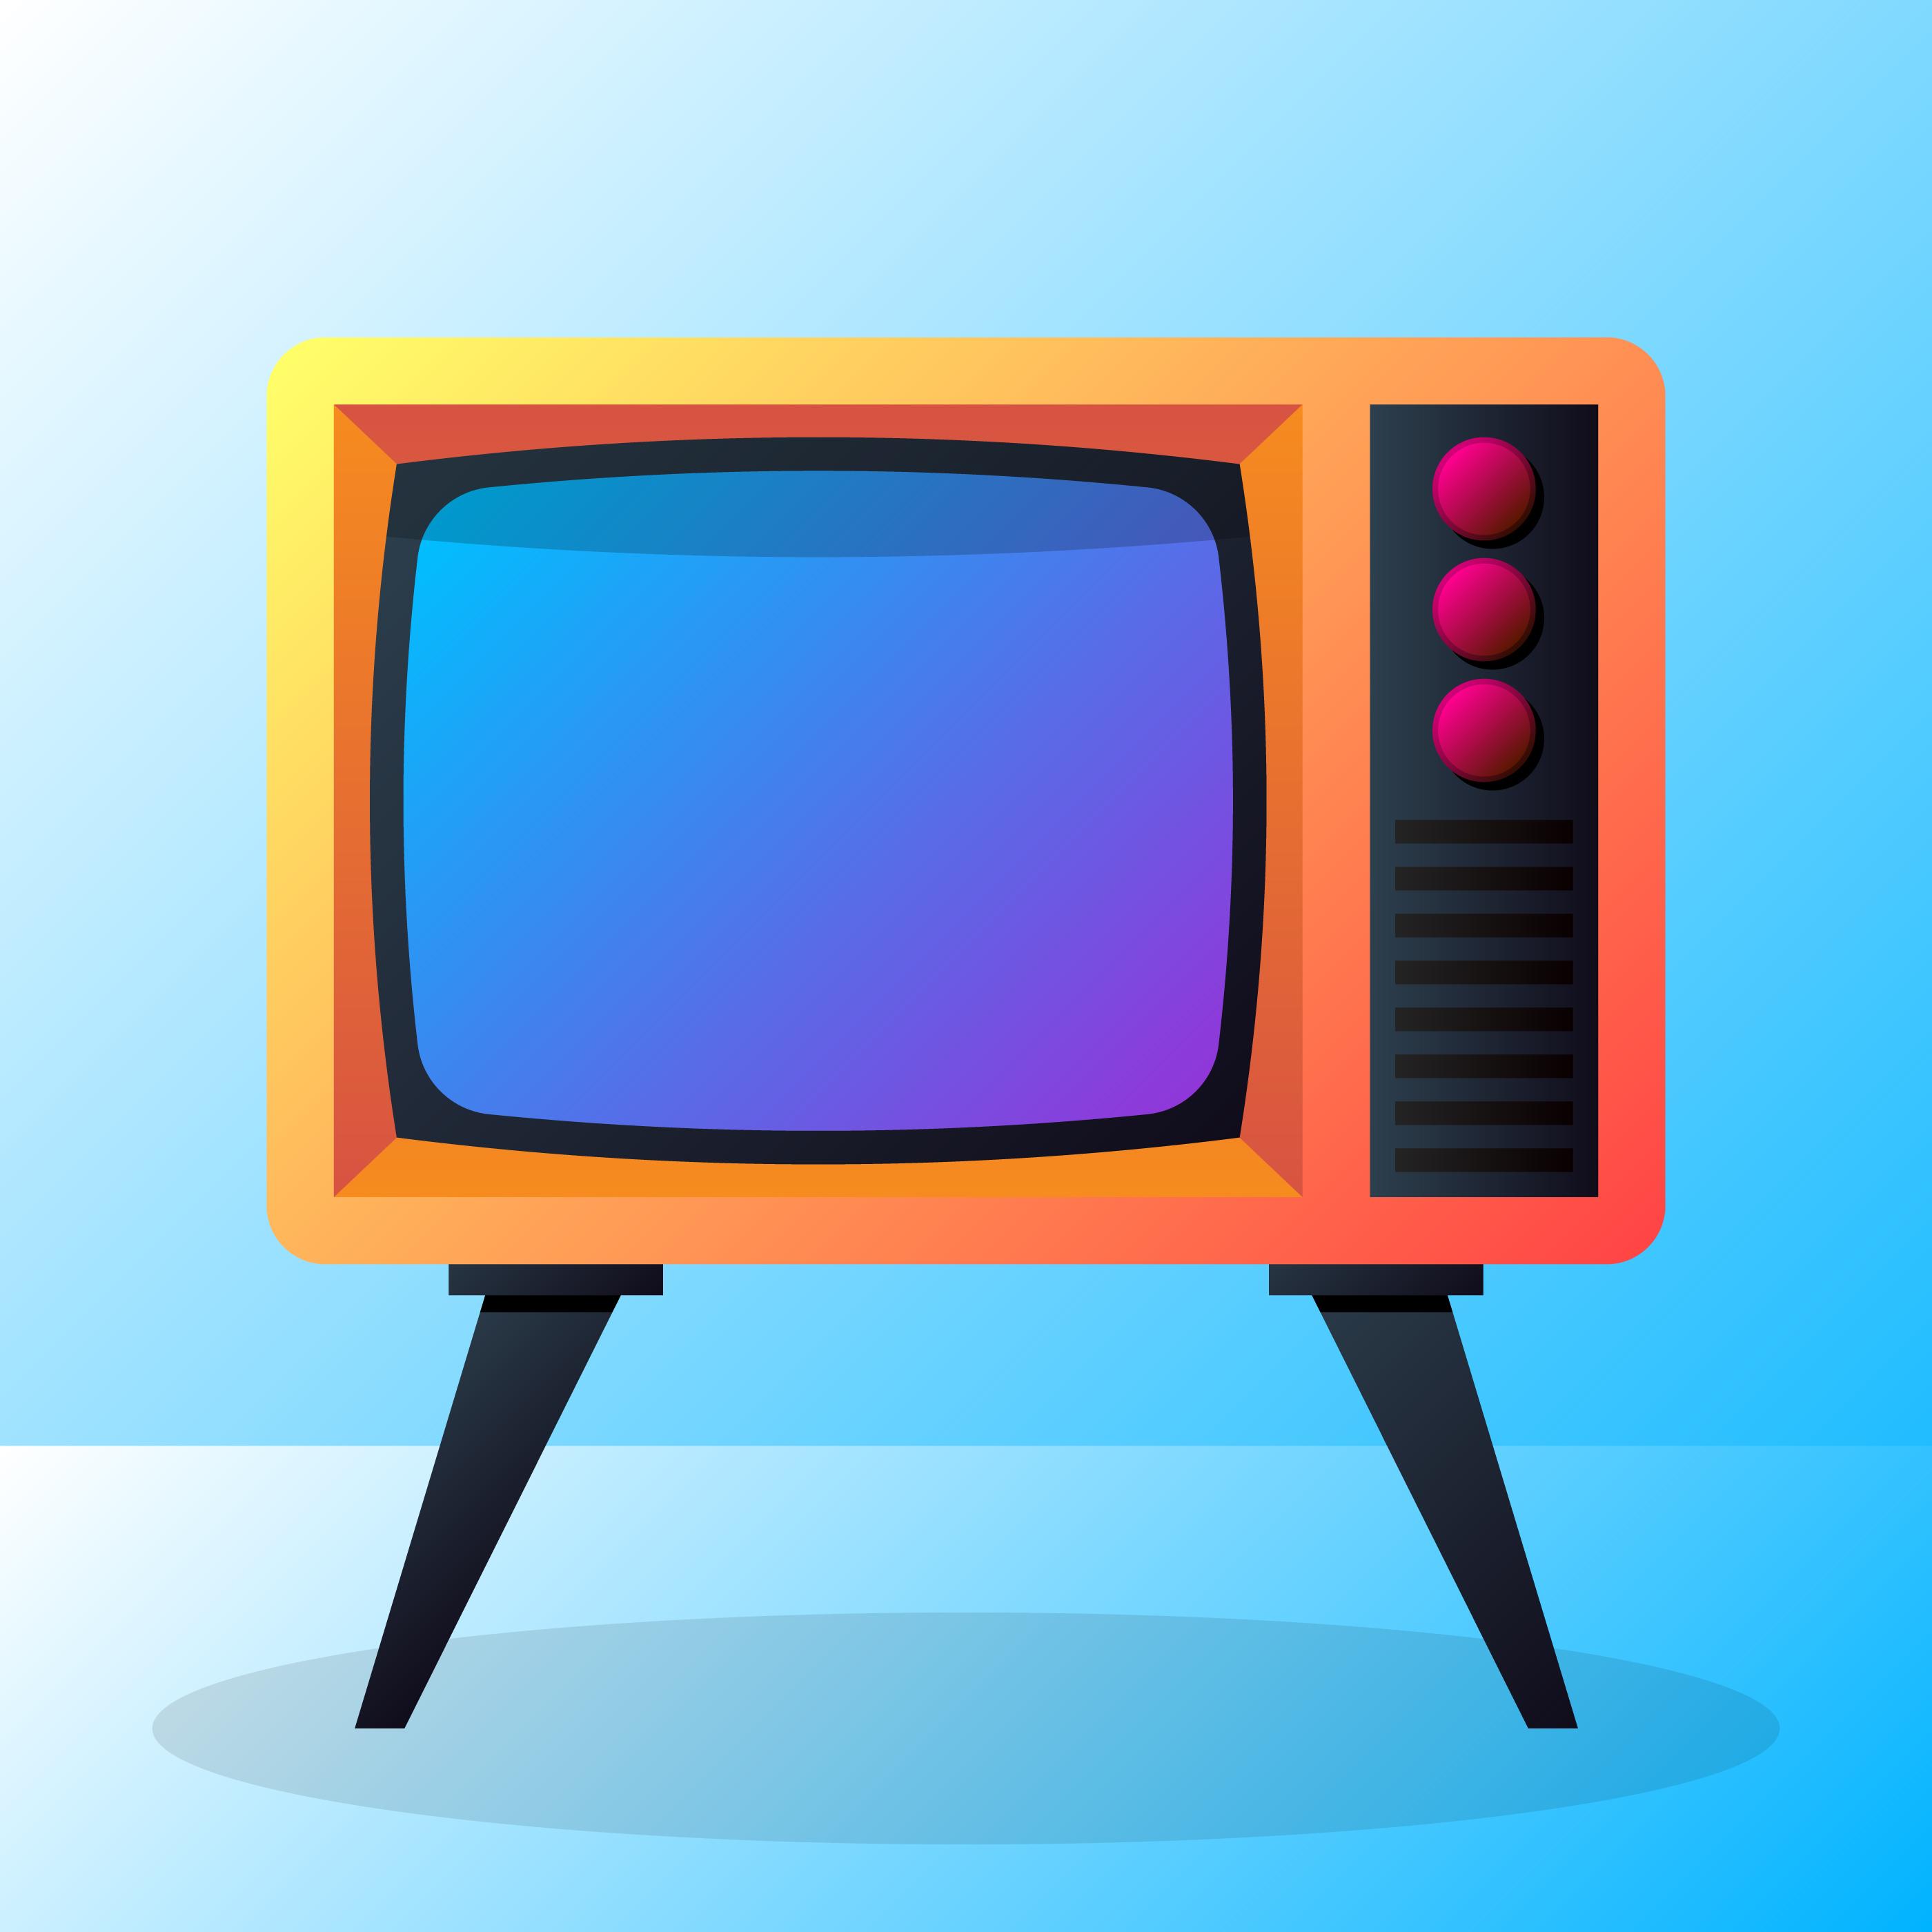 информация телевизор картинки домашнем интерьере идеально